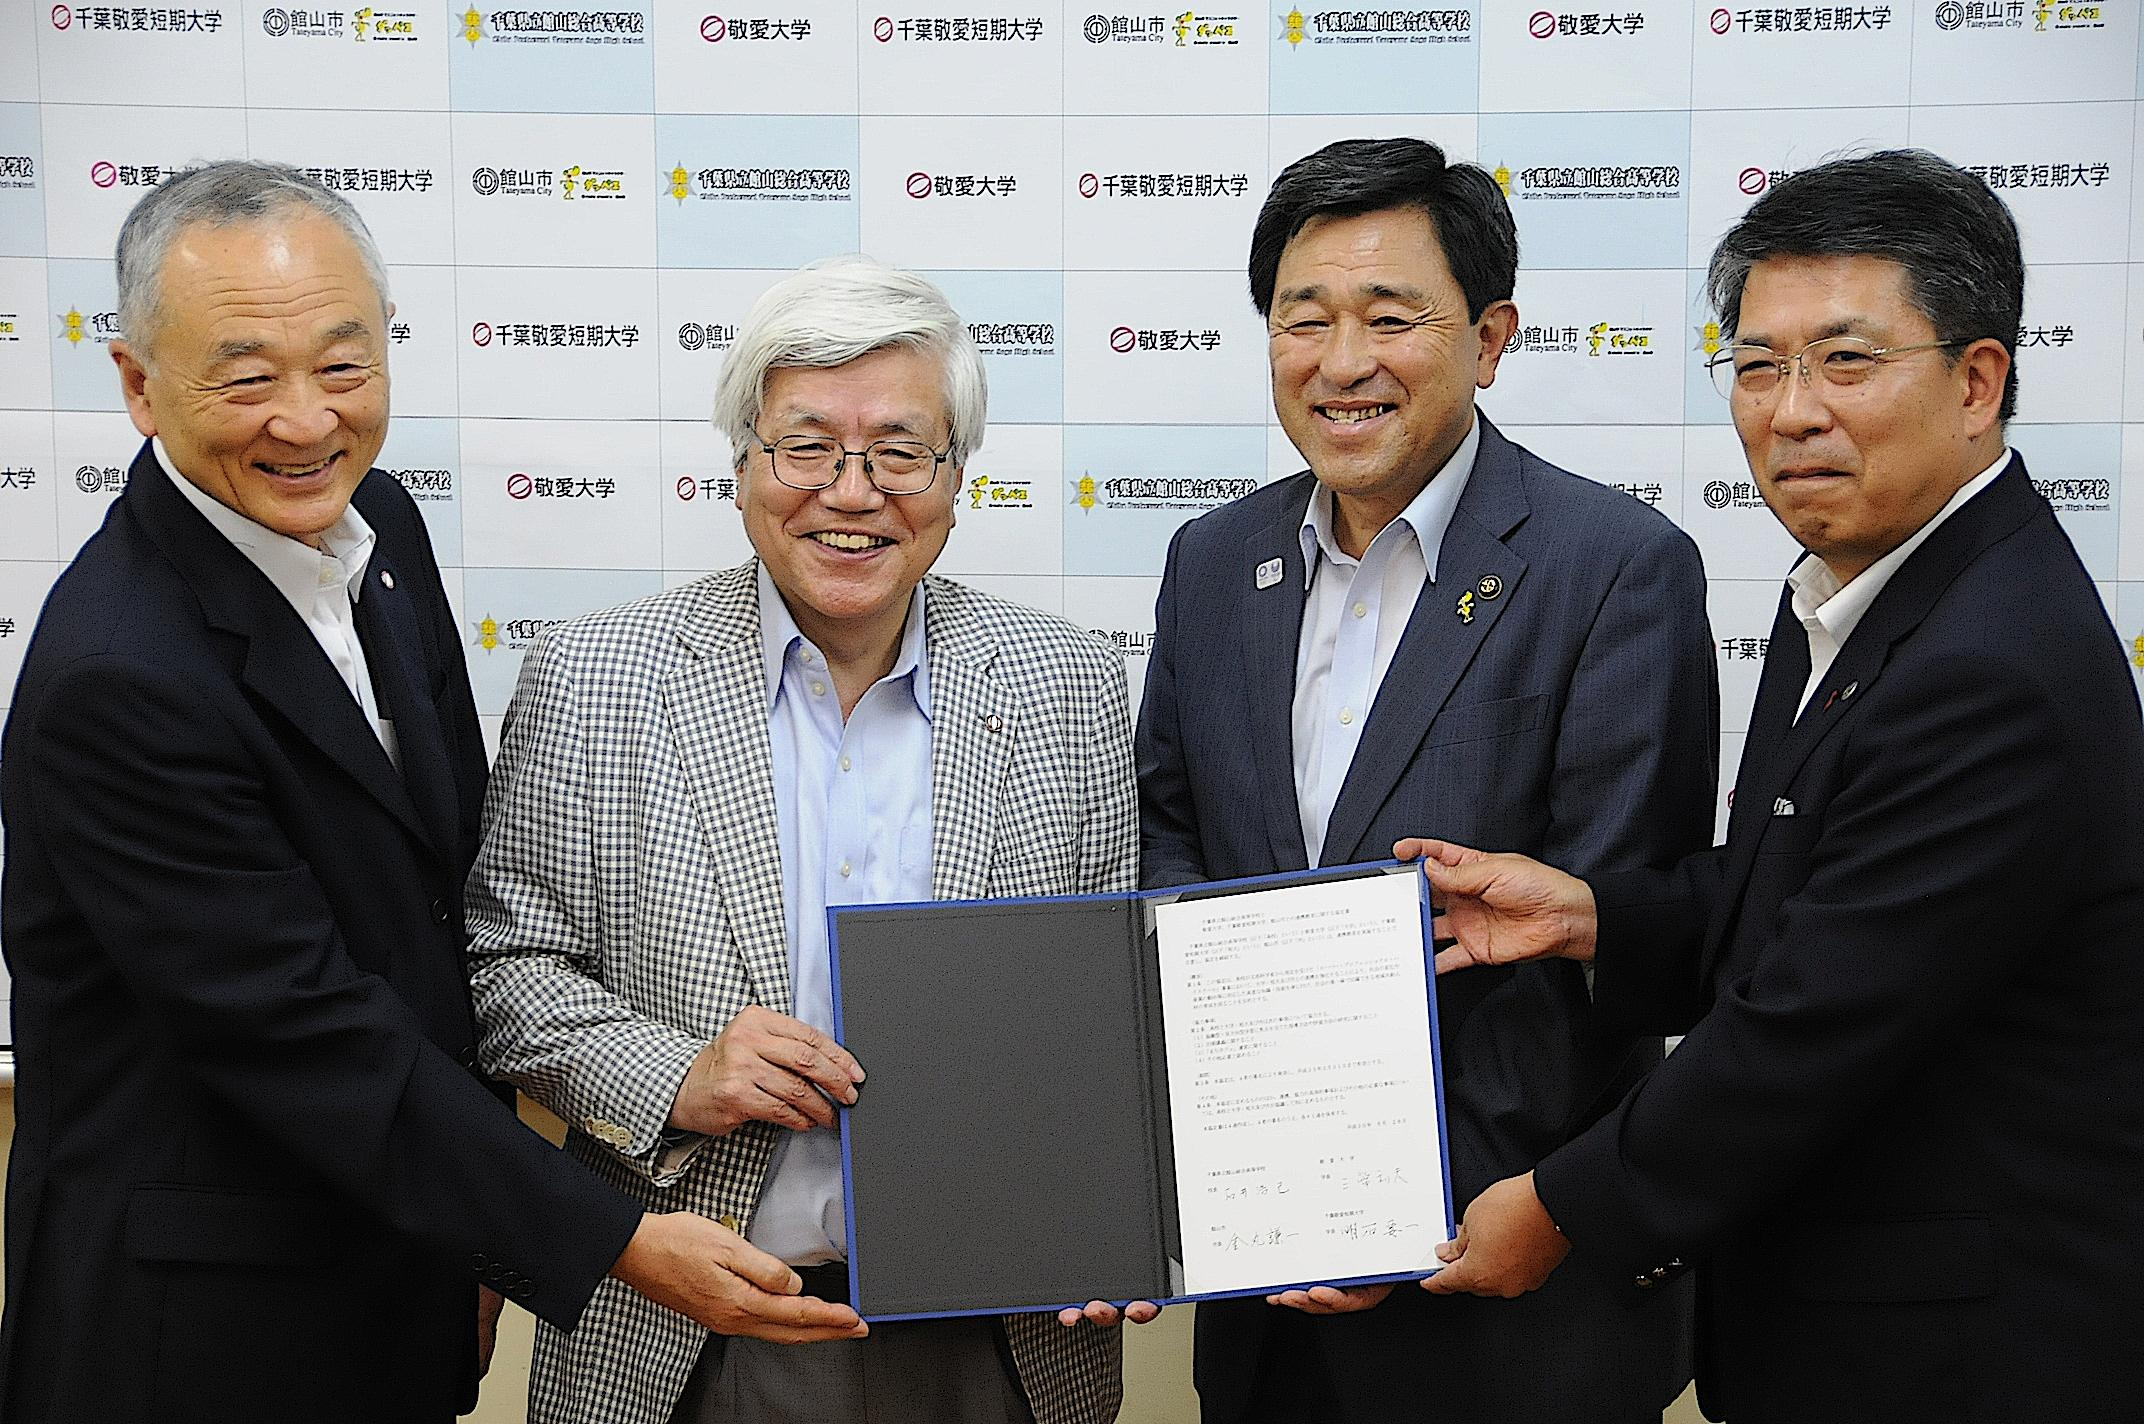 敬愛大学・千葉敬愛短期大学が、館山市、館山総合高等学校と連携協定を締結 -- 館山総合高等学校のプロジェクトに協力